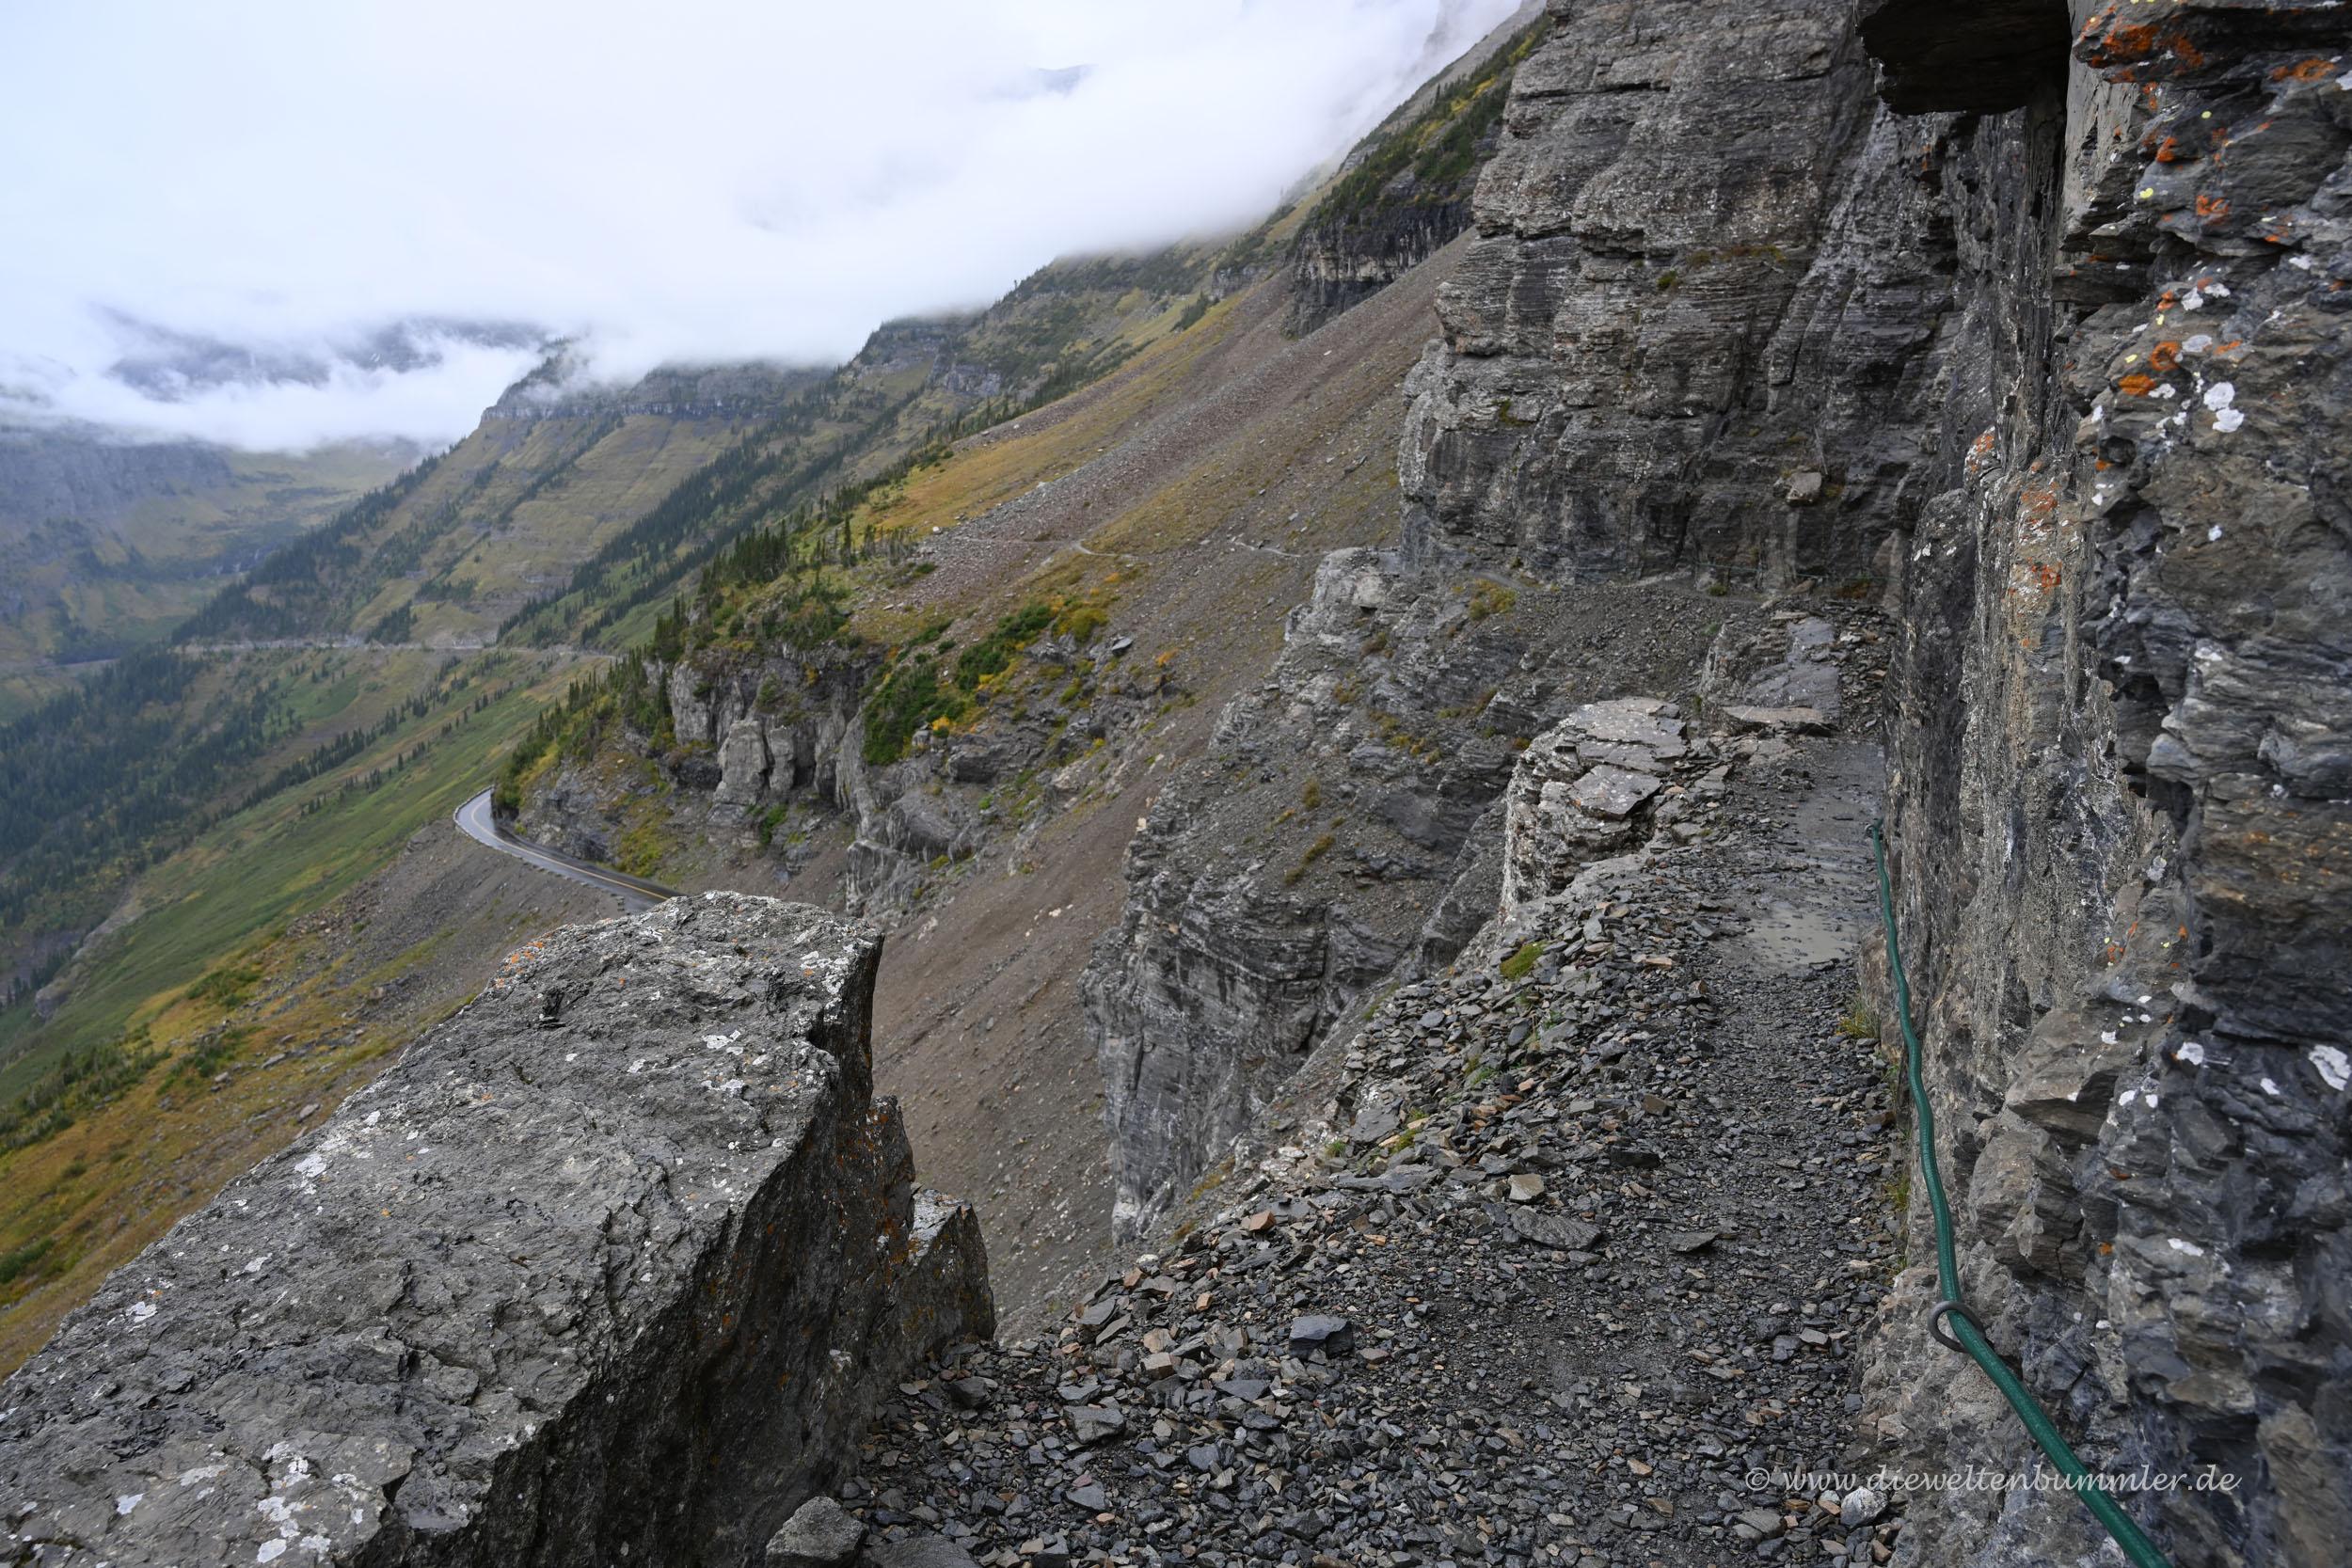 Wanderweg oberhalb der Going to the sun-Road